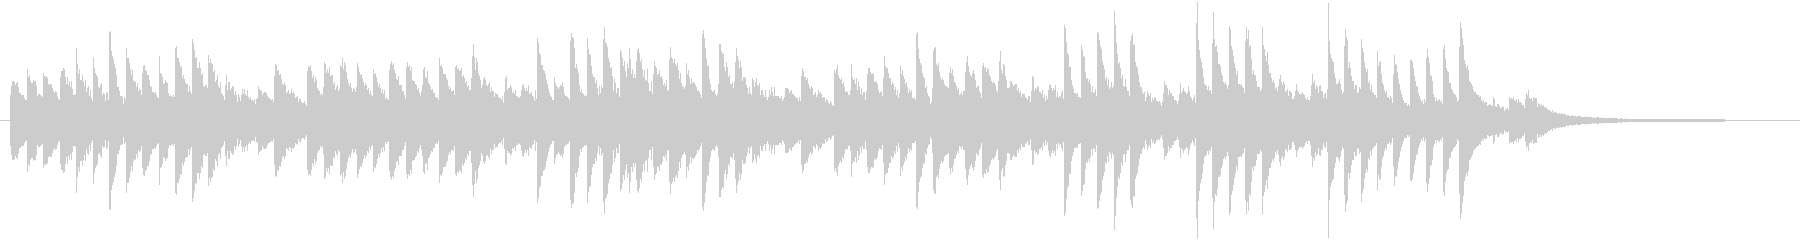 童謡・うれしいひなまつりピアノBGM①の未再生の波形